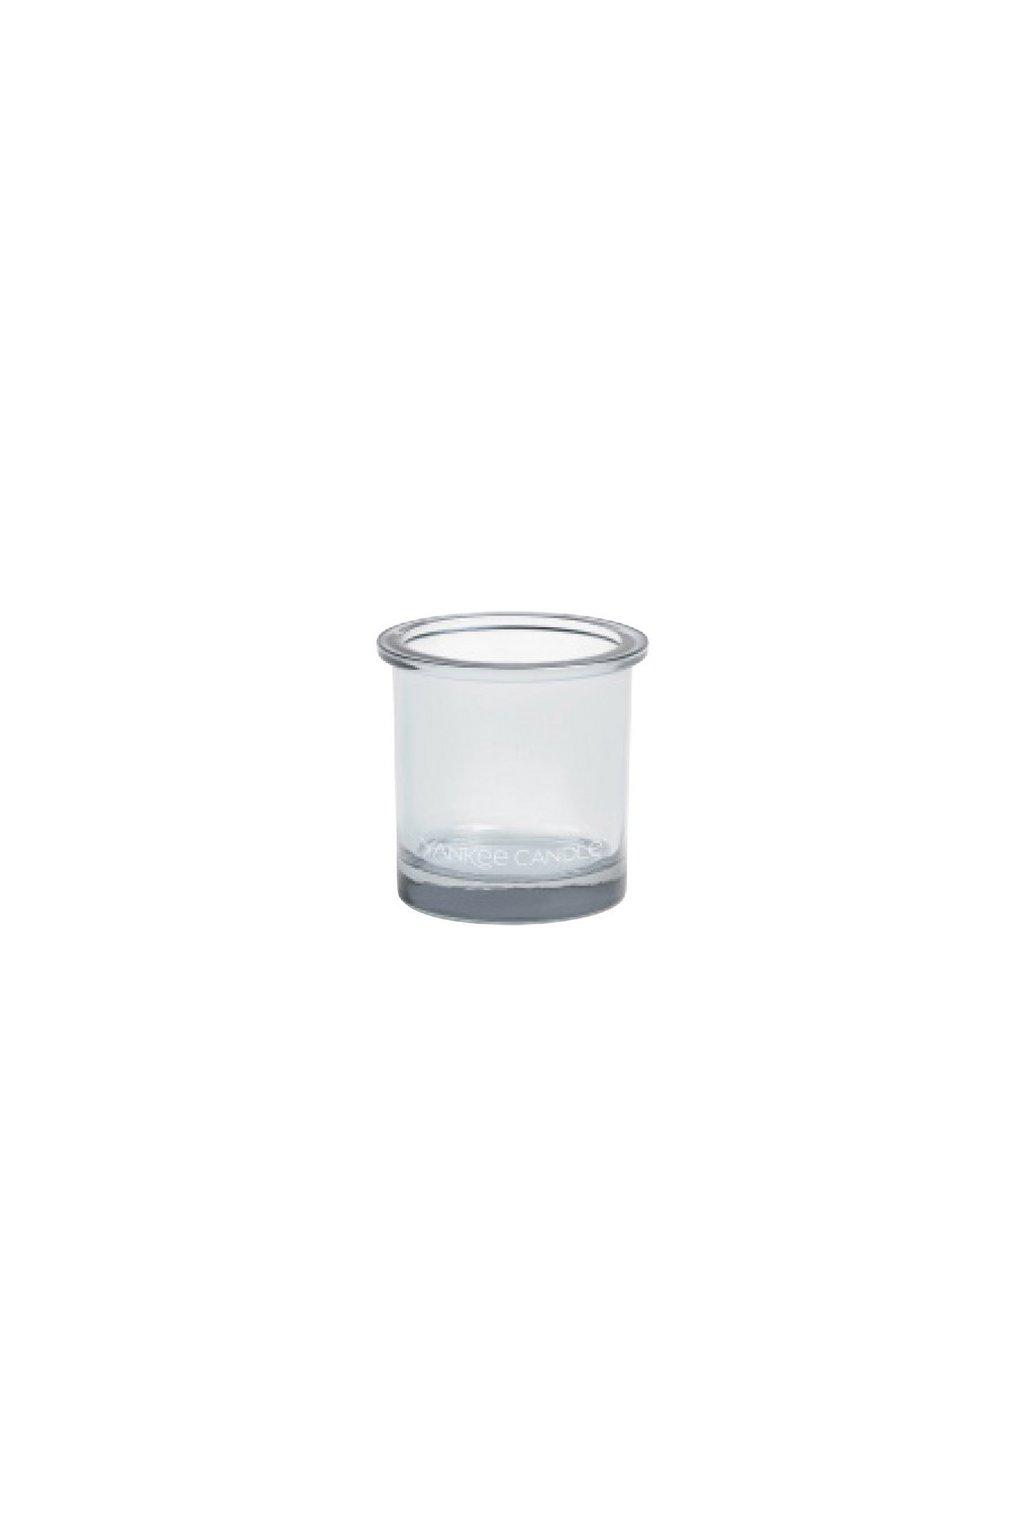 YANKEE CANDLE POP LIGHT SVÍCEN NA VOTIVNÍ SVÍČKU CLEAR